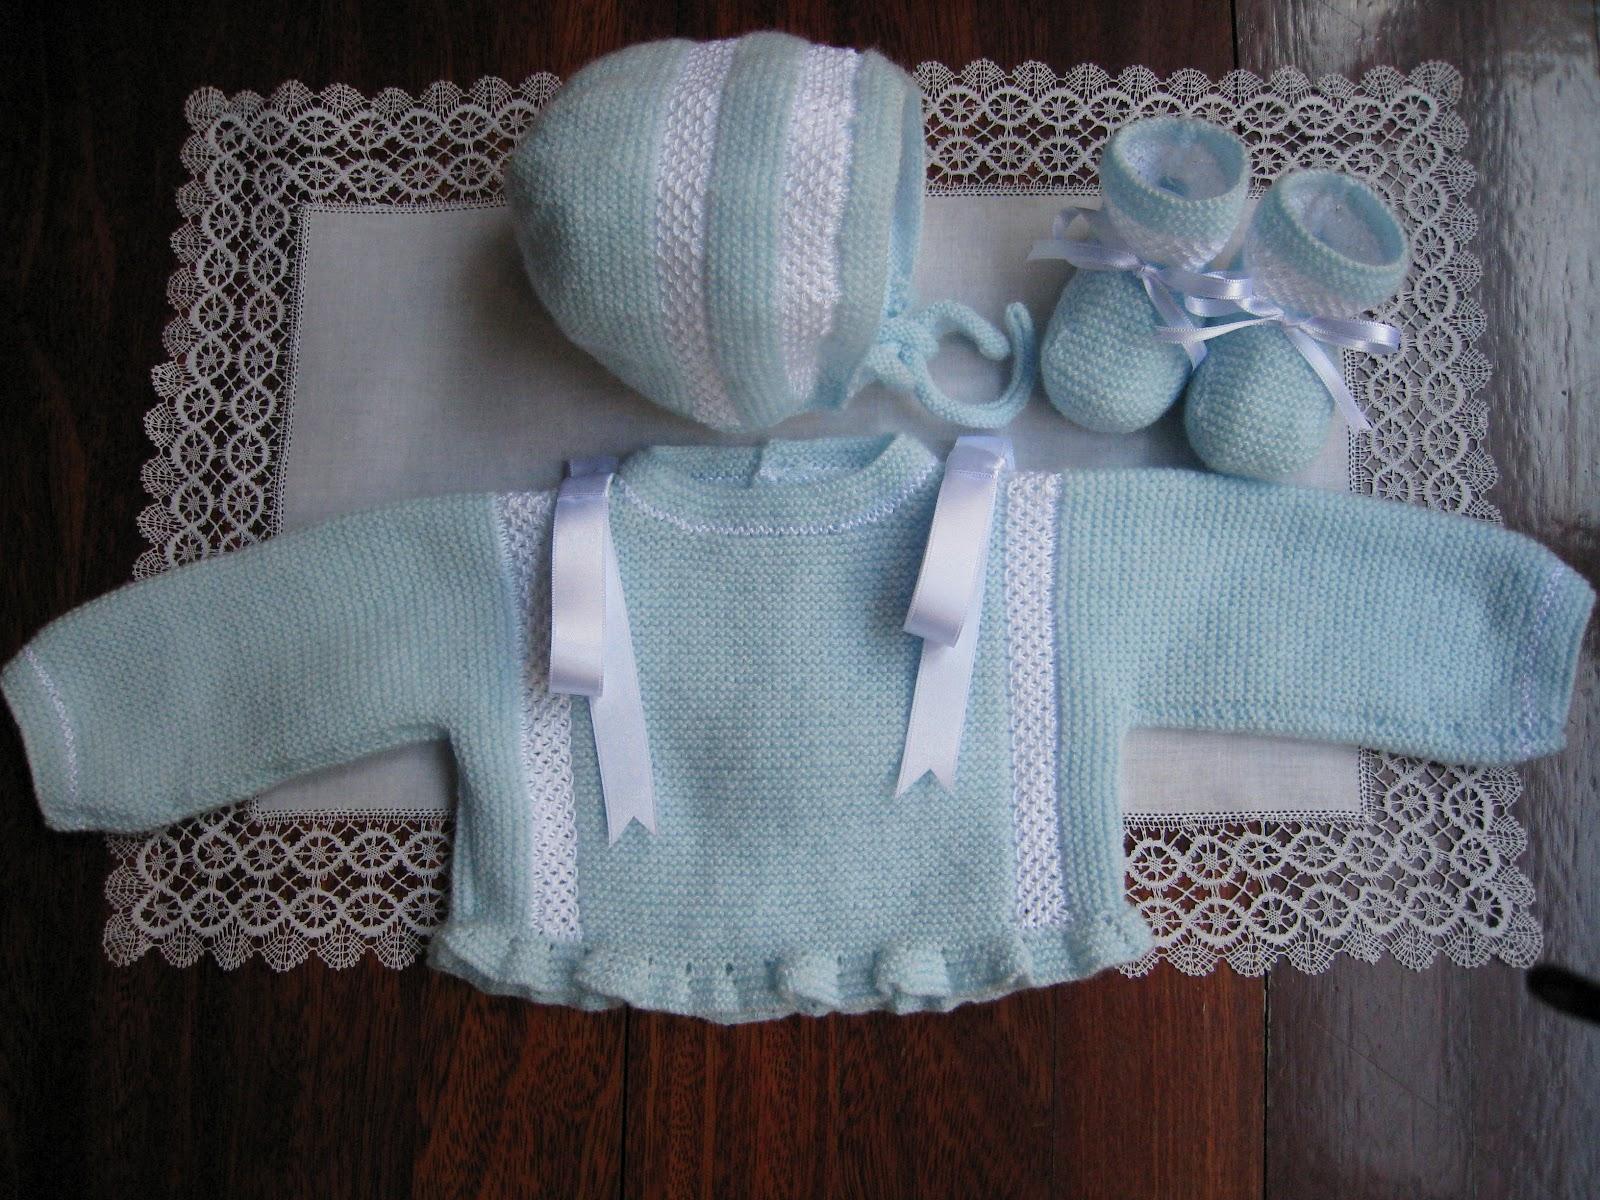 Las agujas de majos conjunto azul - Labores de punto de lana ...